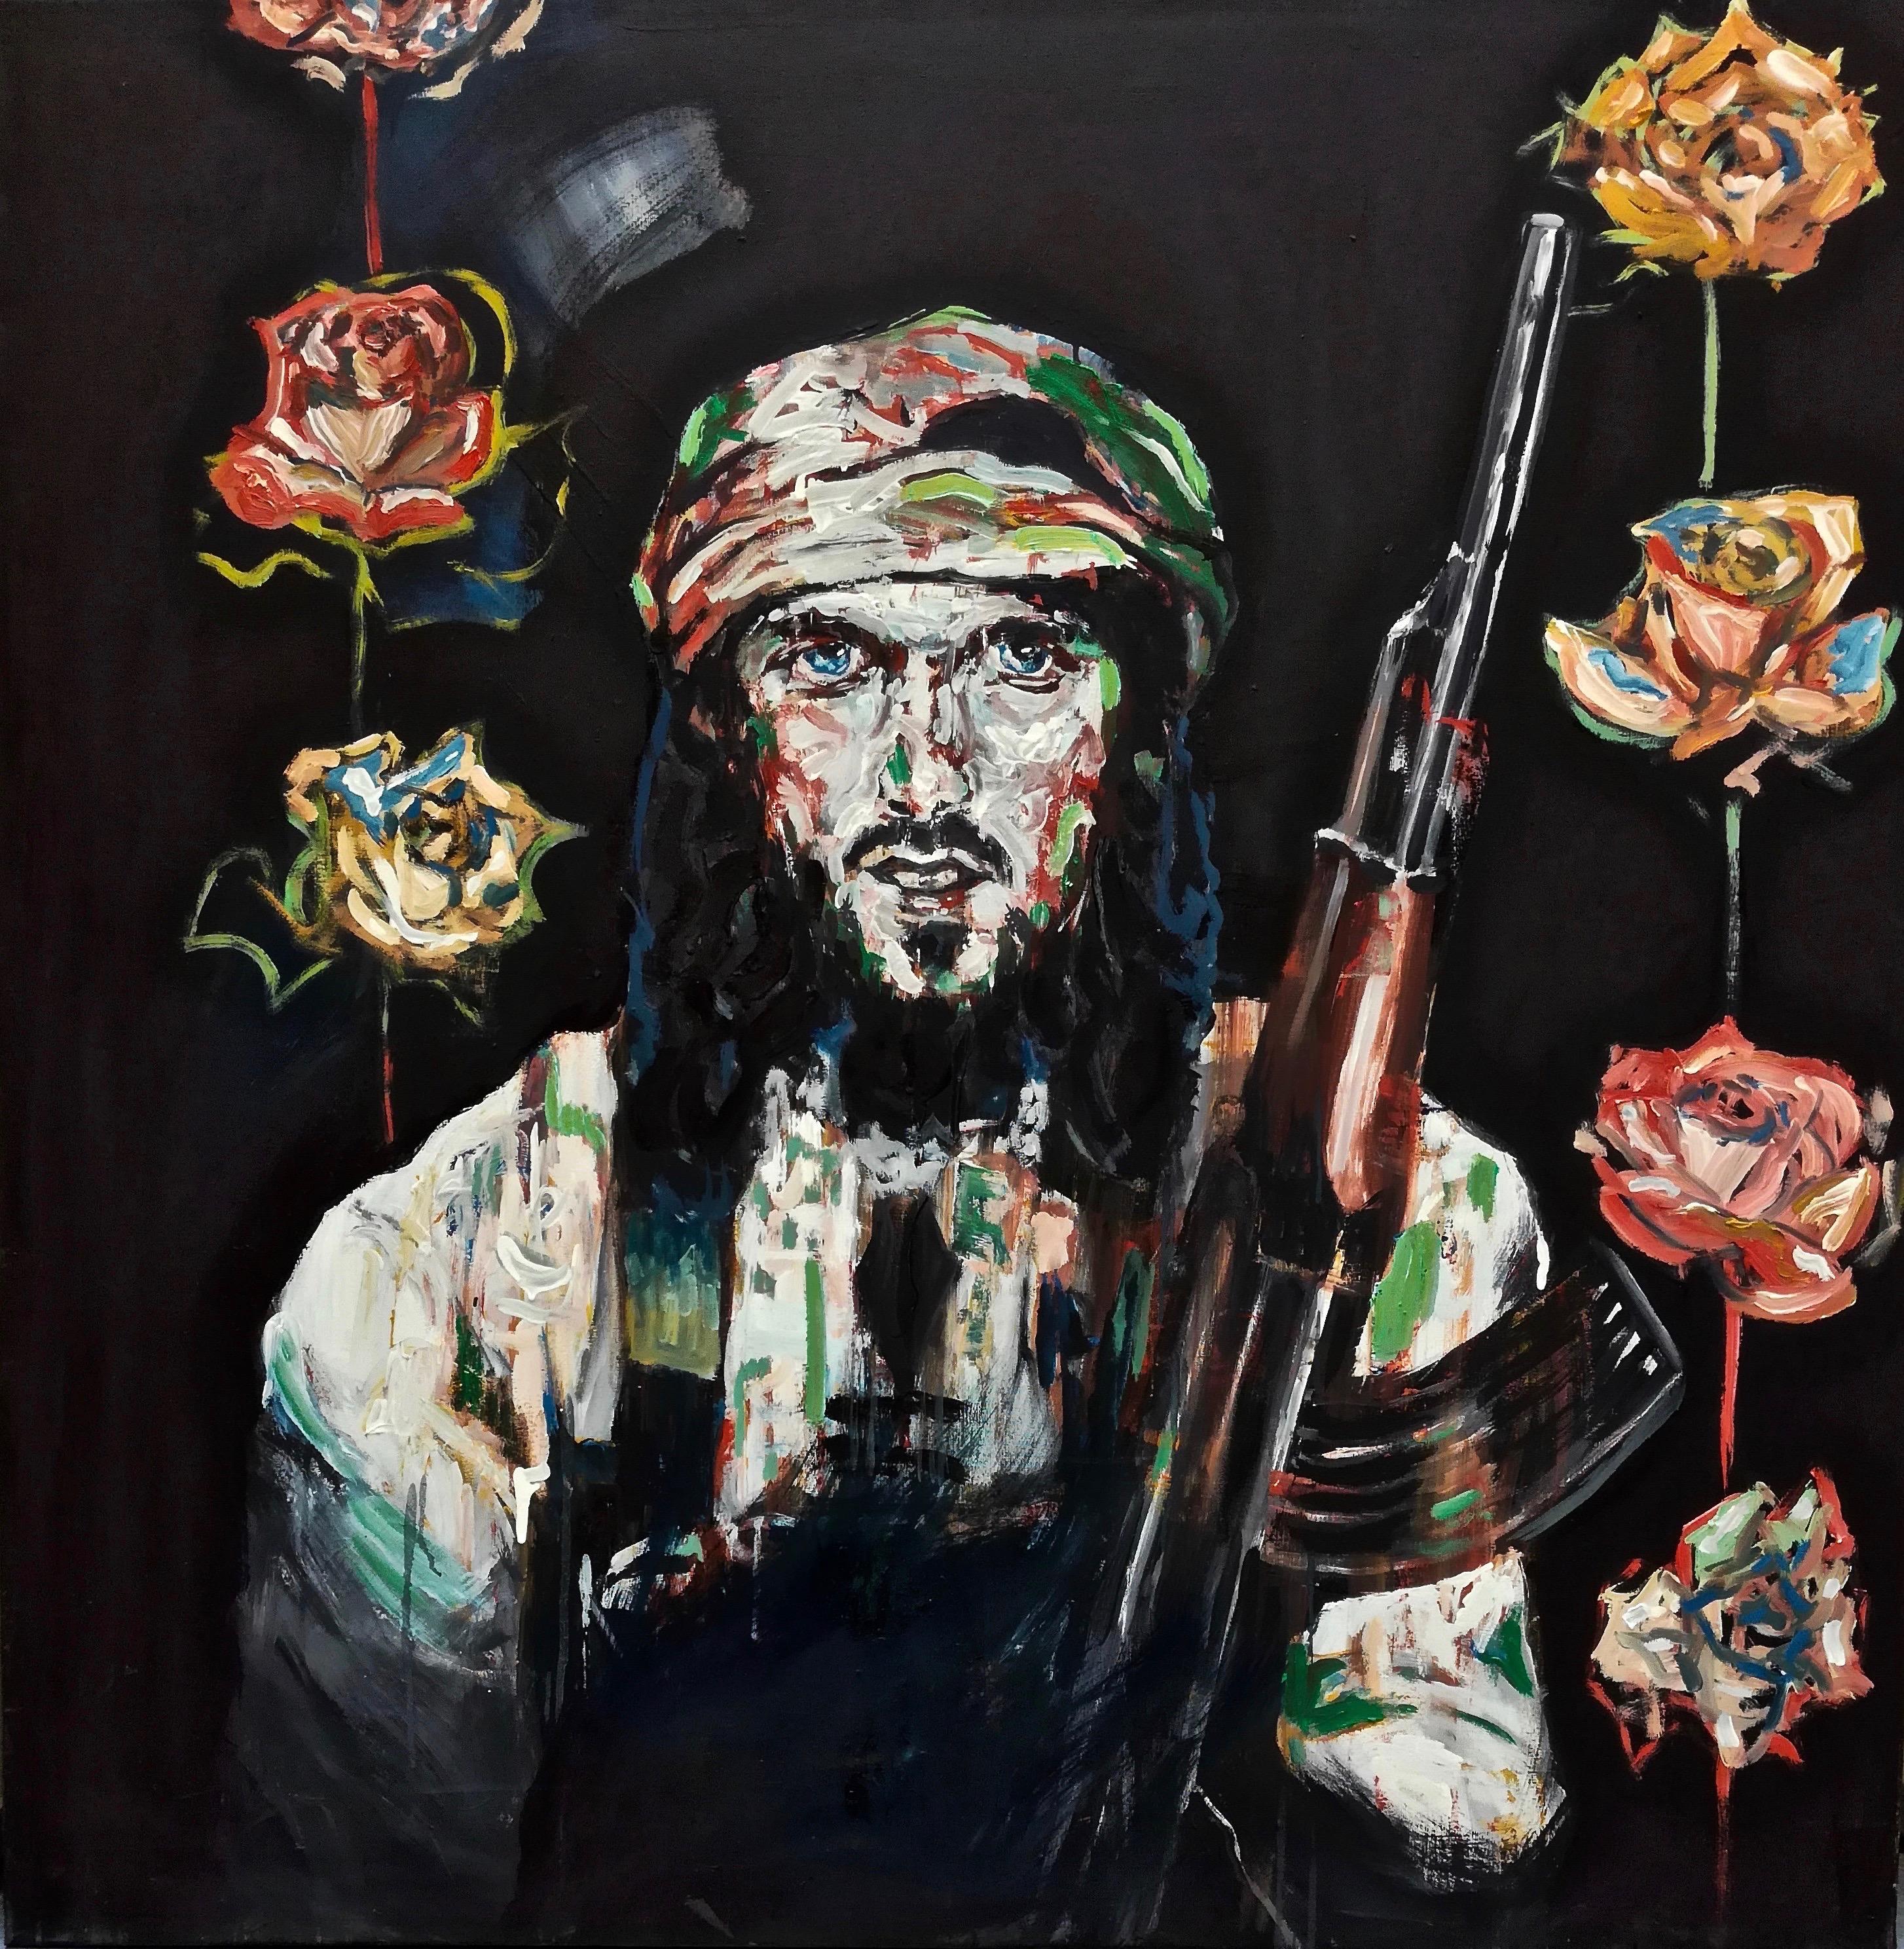 DJ. Djidad Jesus / oil on canvas 100 cm x 100 cm/ Portrait peinture d'un christ en djihadiste avec des fleurs